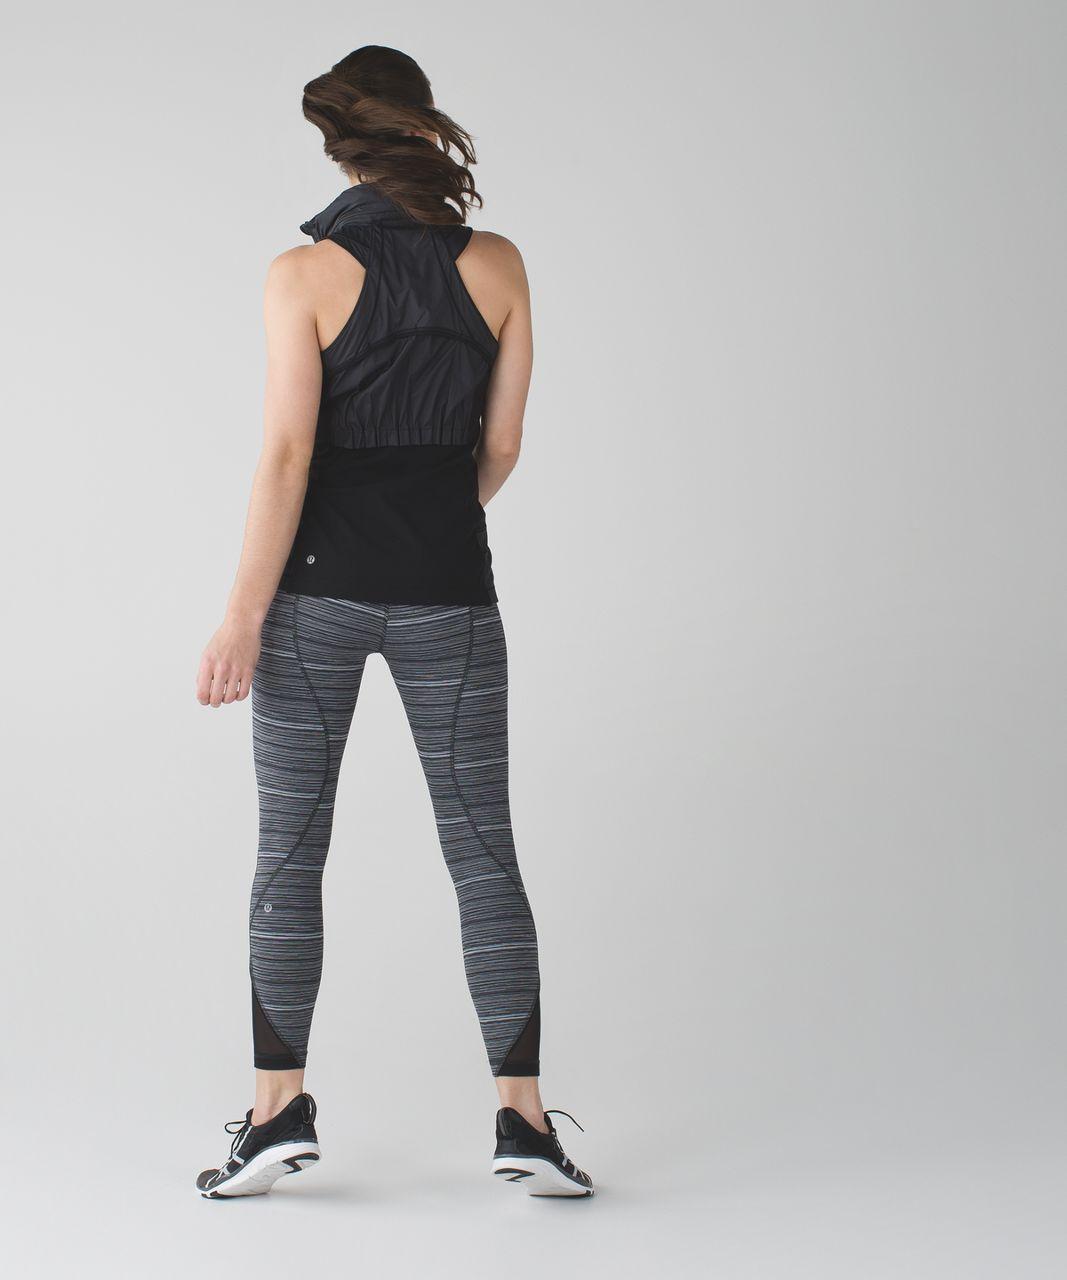 Lululemon 5 Mile Vest - Black / Heathered Black